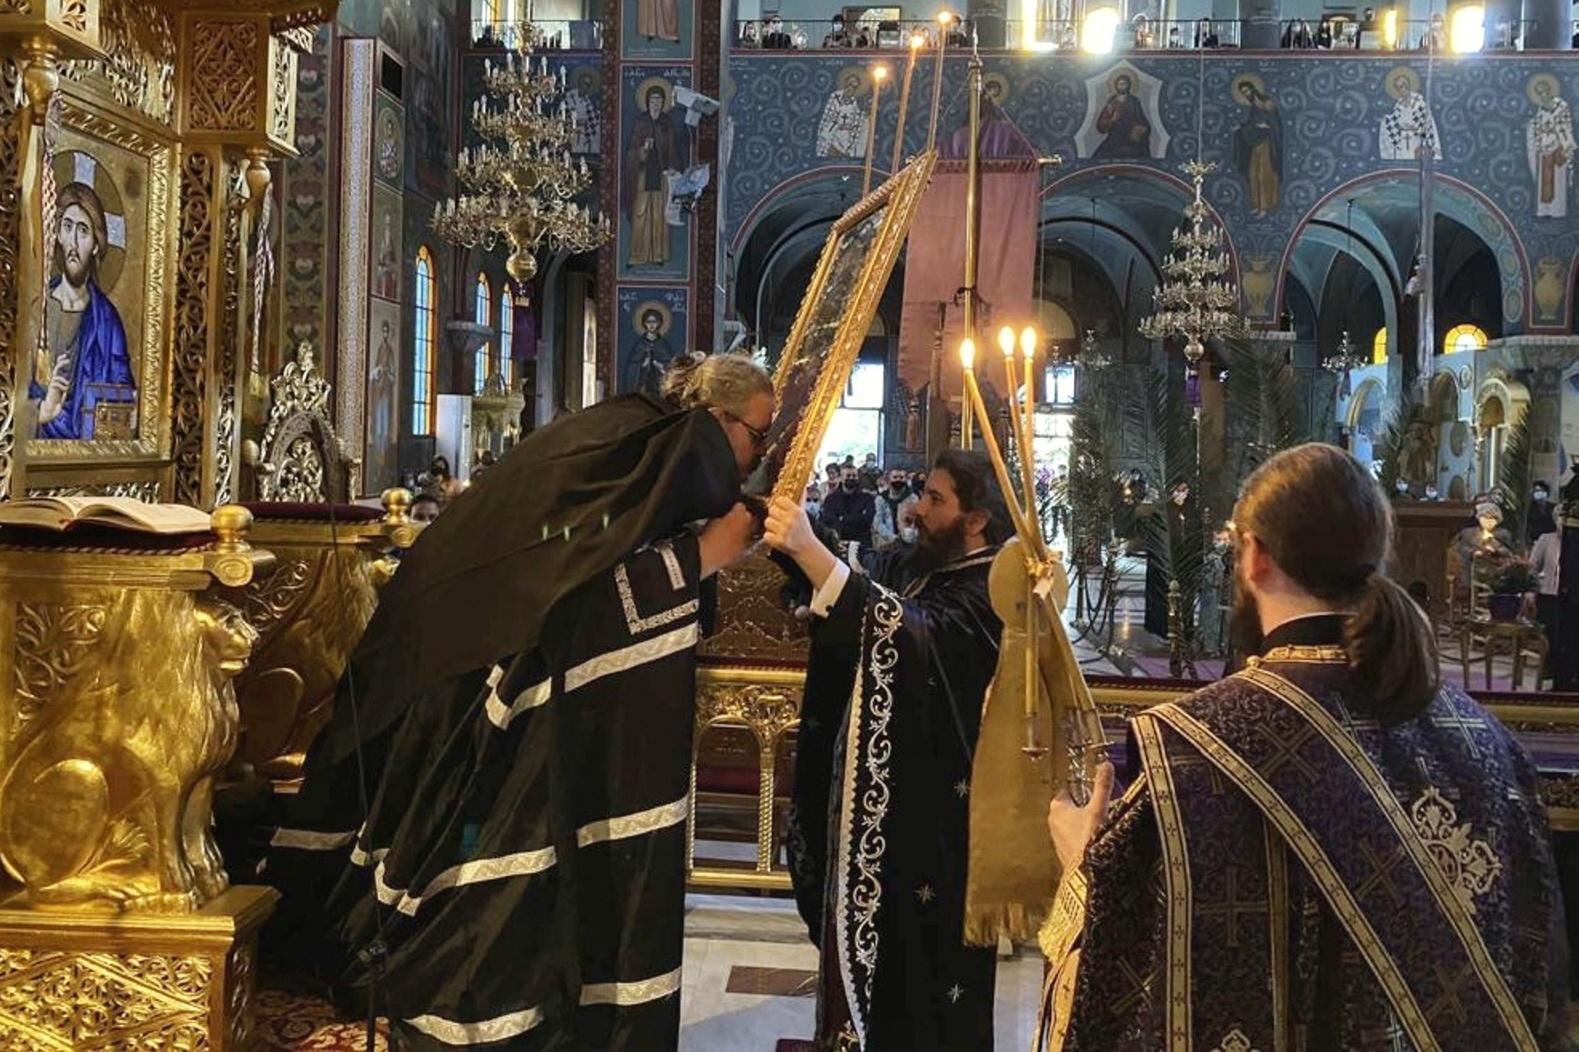 """5 - Λαρίσης: """"Ο Χριστός στην εικόνα του Νυμφίου είναι ο καθρέφτης της δικής μας ψυχής"""""""